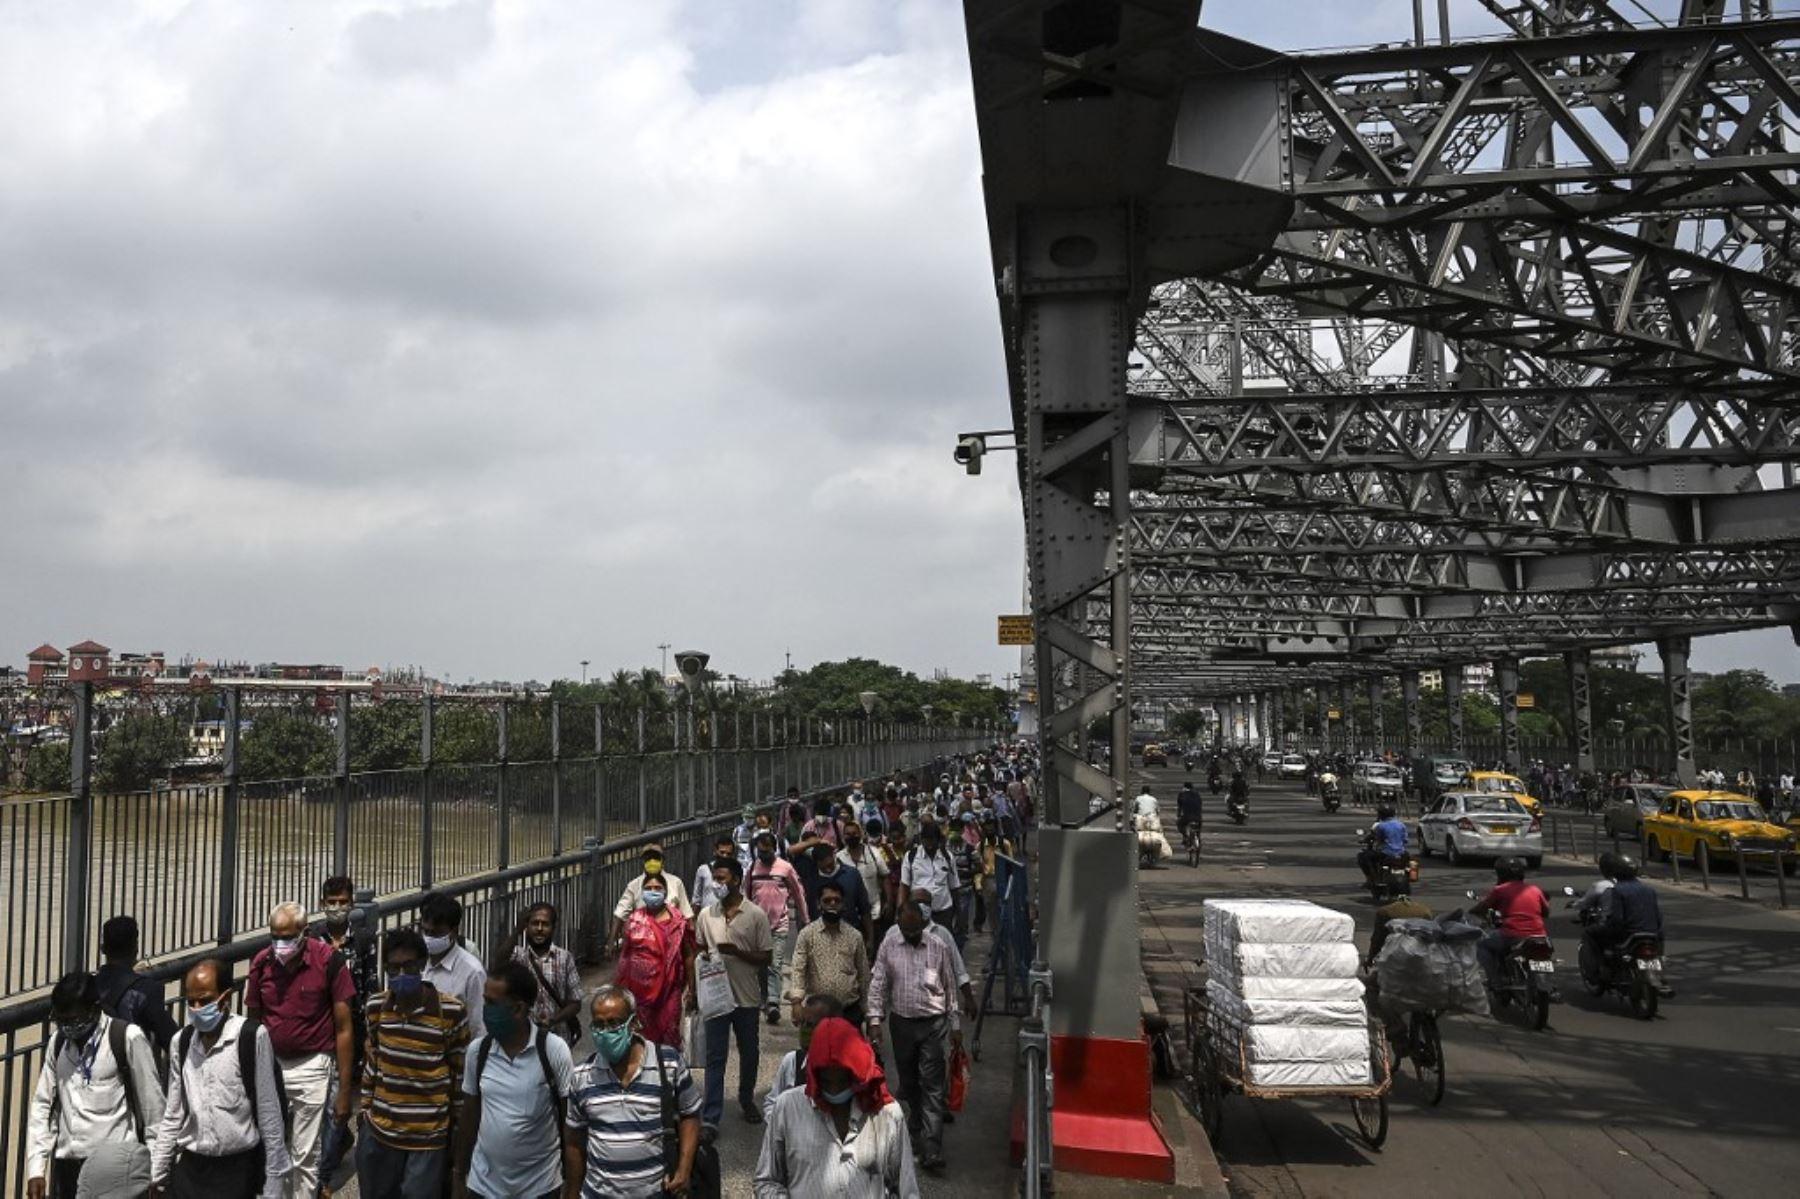 Los viajeros caminan mientras cruzan el puente Howrah mientras el gobierno estatal suspendió el transporte público regular durante un bloqueo impuesto para frenar la propagación del coronavirus Covid-19, en Calcuta. Foto: AFP